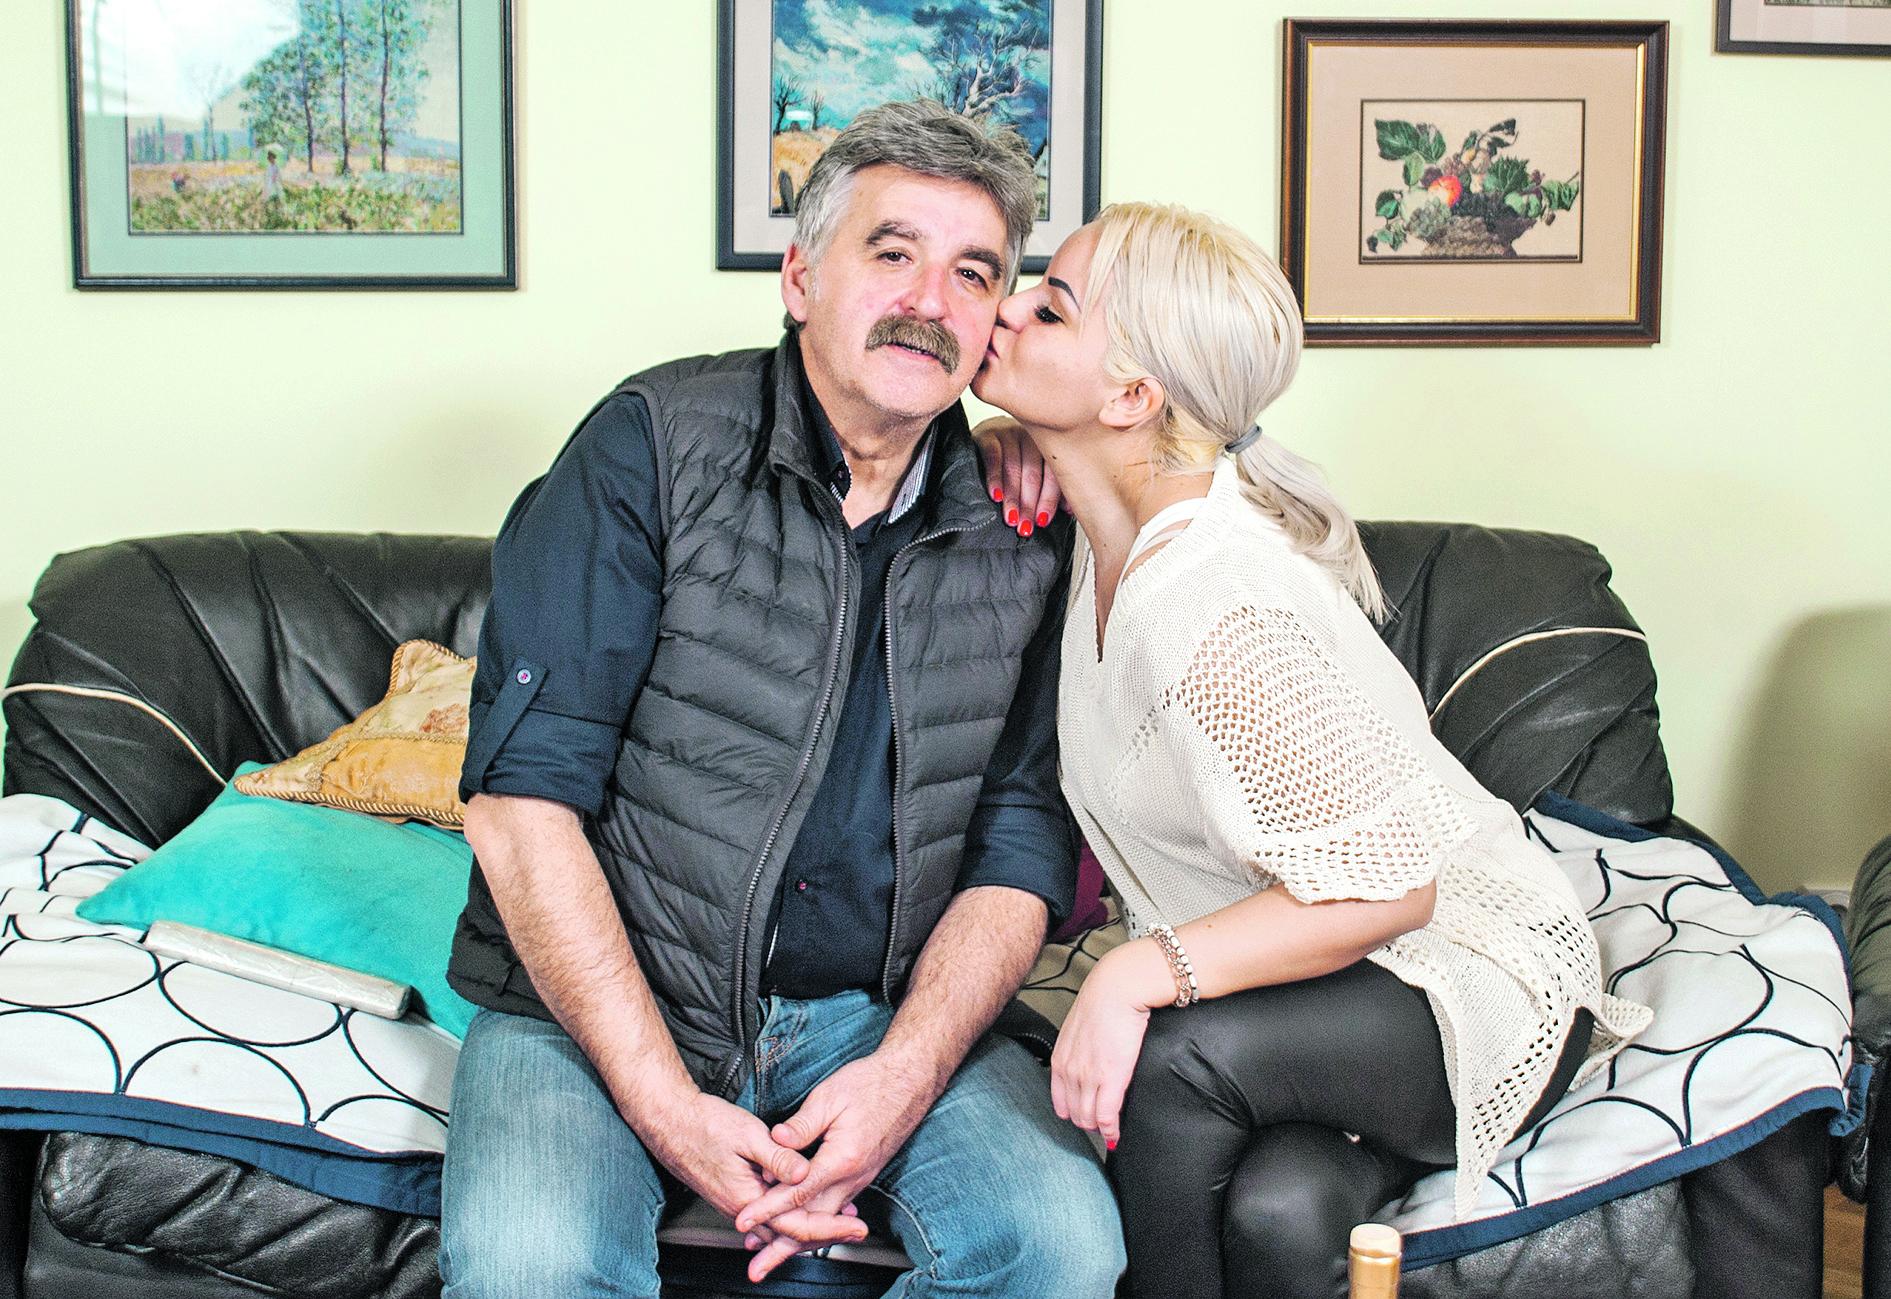 Ne živi samo od pevanja: Evo OD ČEGA JOŠ ZARAĐUJE za život Džidža, ćerka Dragana Stojkovića Bosanca!